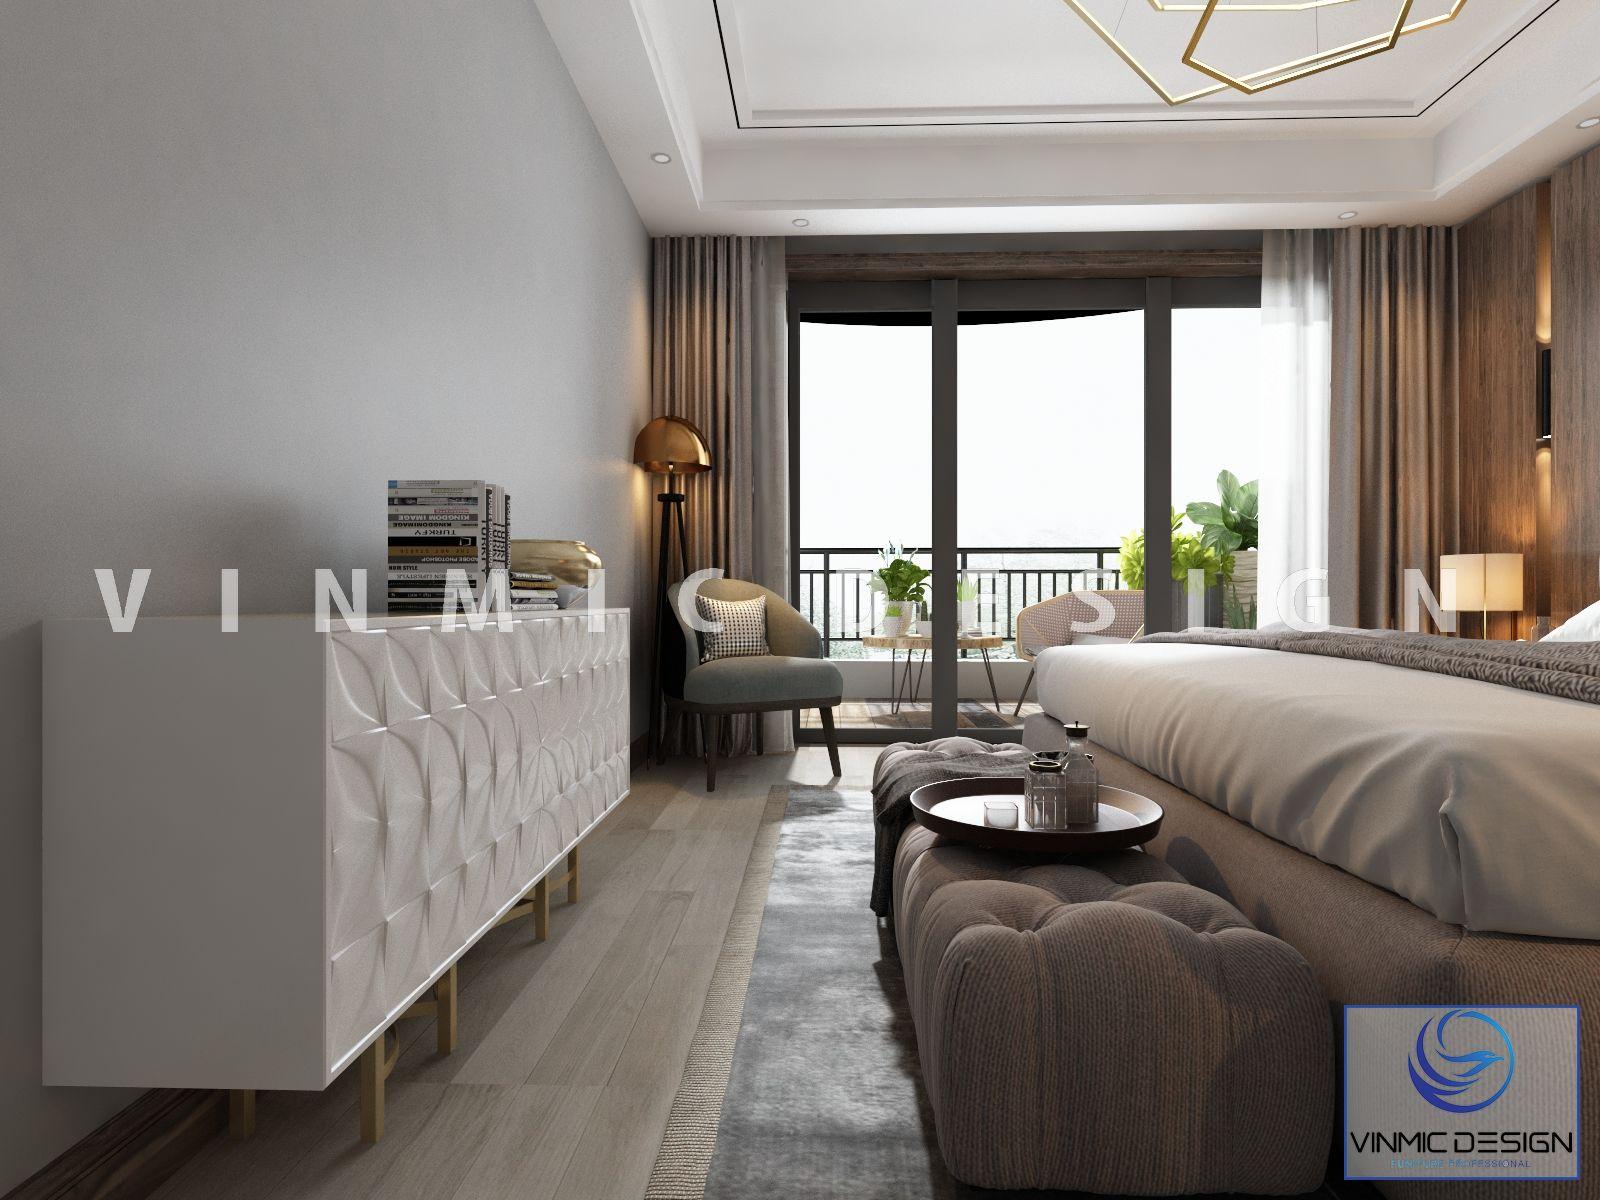 Giường ngủ bọc nỉ kết hợp đồ nội thất đẹp làm căn phòng trở nên hài hòa